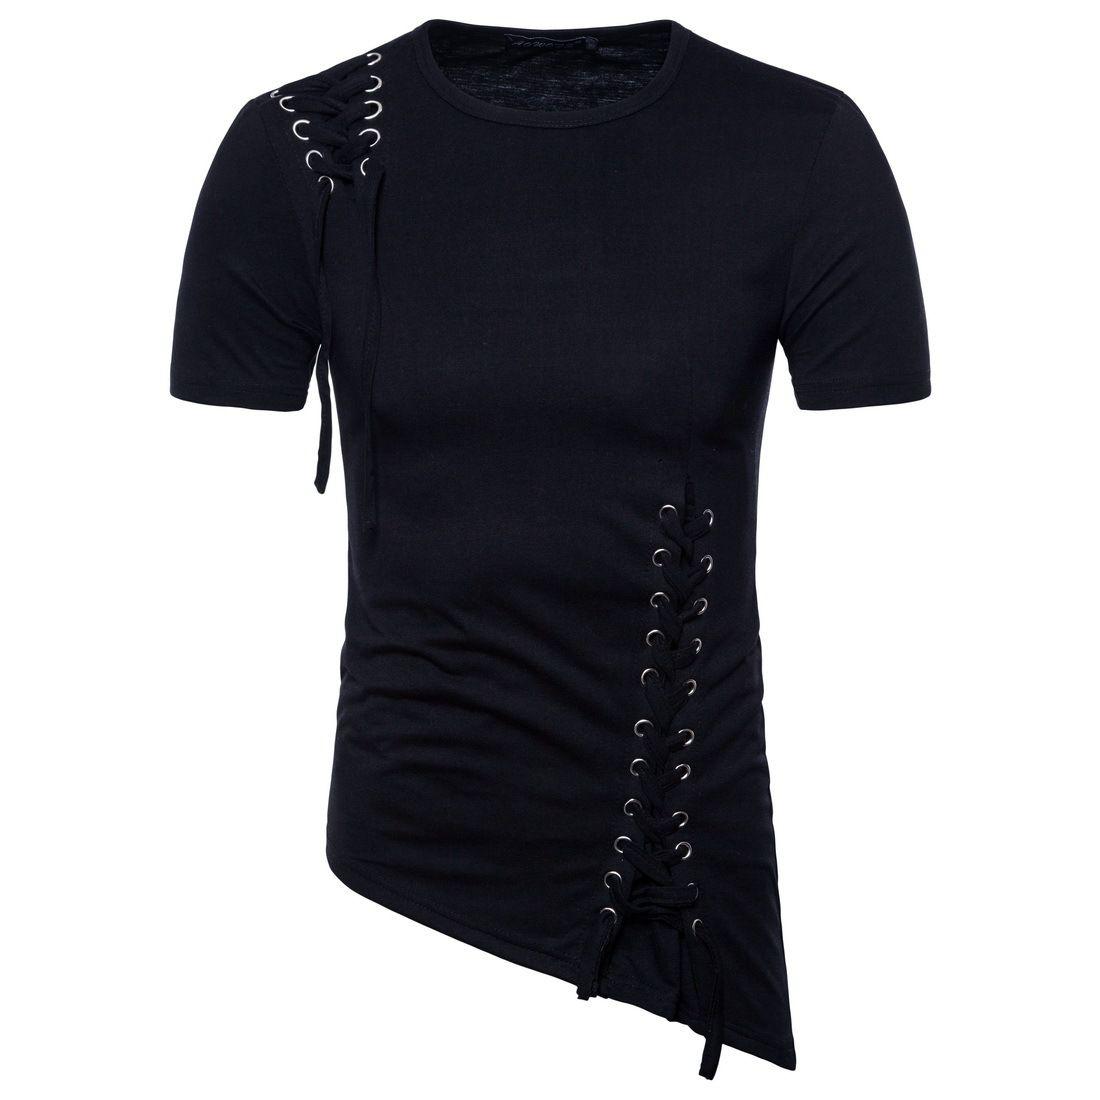 Hip Hop t camisas Slim-fit Irregularmente-Projetado Top Shirts Novas Marcas de Algodão de Manga Curta T-shirt Tripulação Pescoço Camisas para Homens Frete Grátis